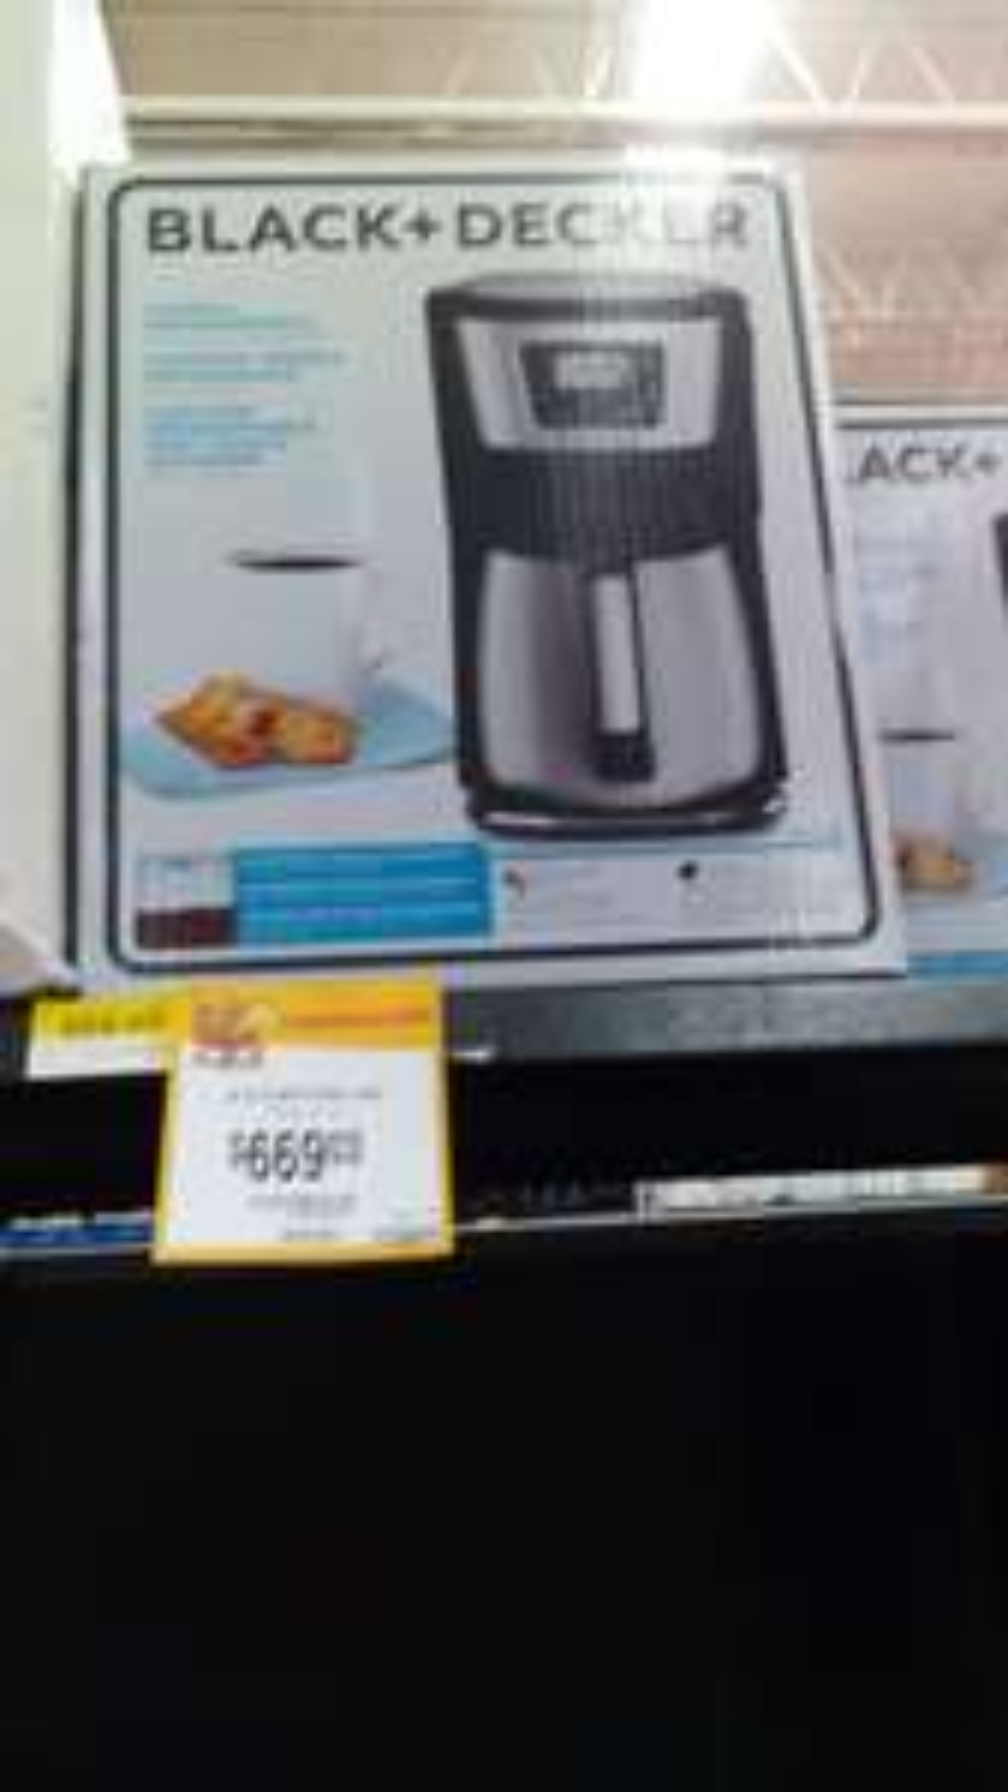 Walmart Vado del Río: Cafetera Black & Decker a $669.03, aire inverter 1ton Samsung a $6,919.02